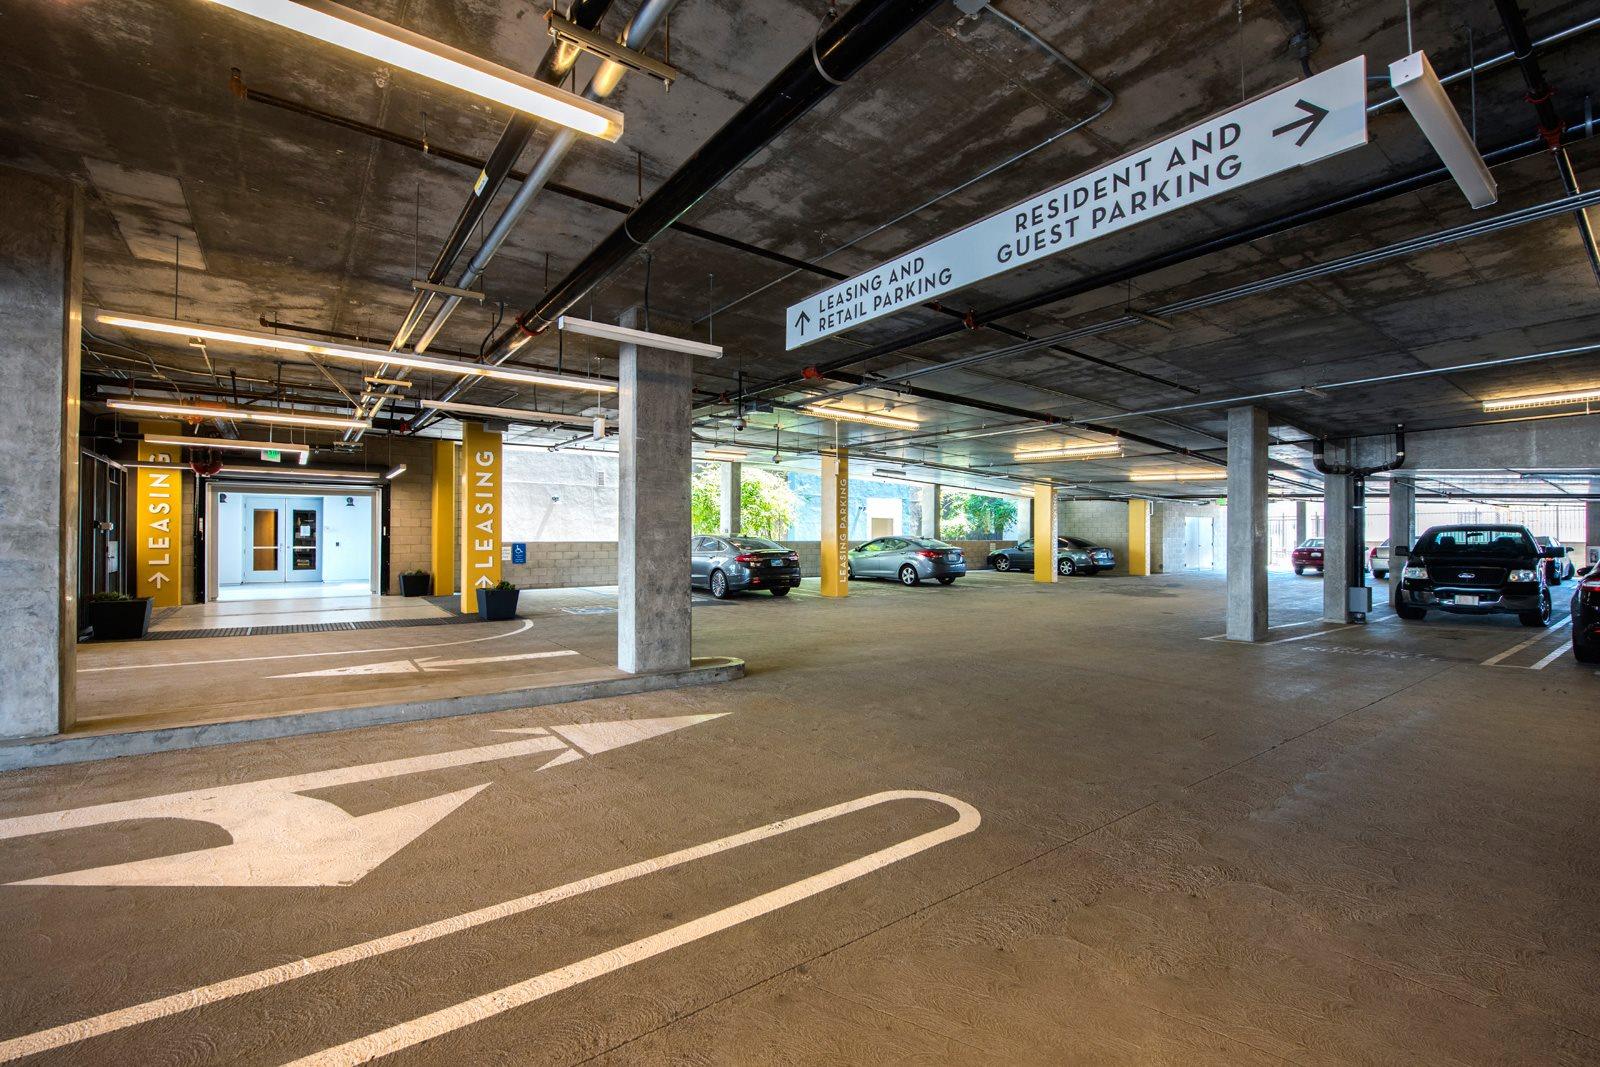 Reserved, Assigned Parking in Garage at Malden Station by Windsor, 250 W Santa Fe Ave, Fullerton